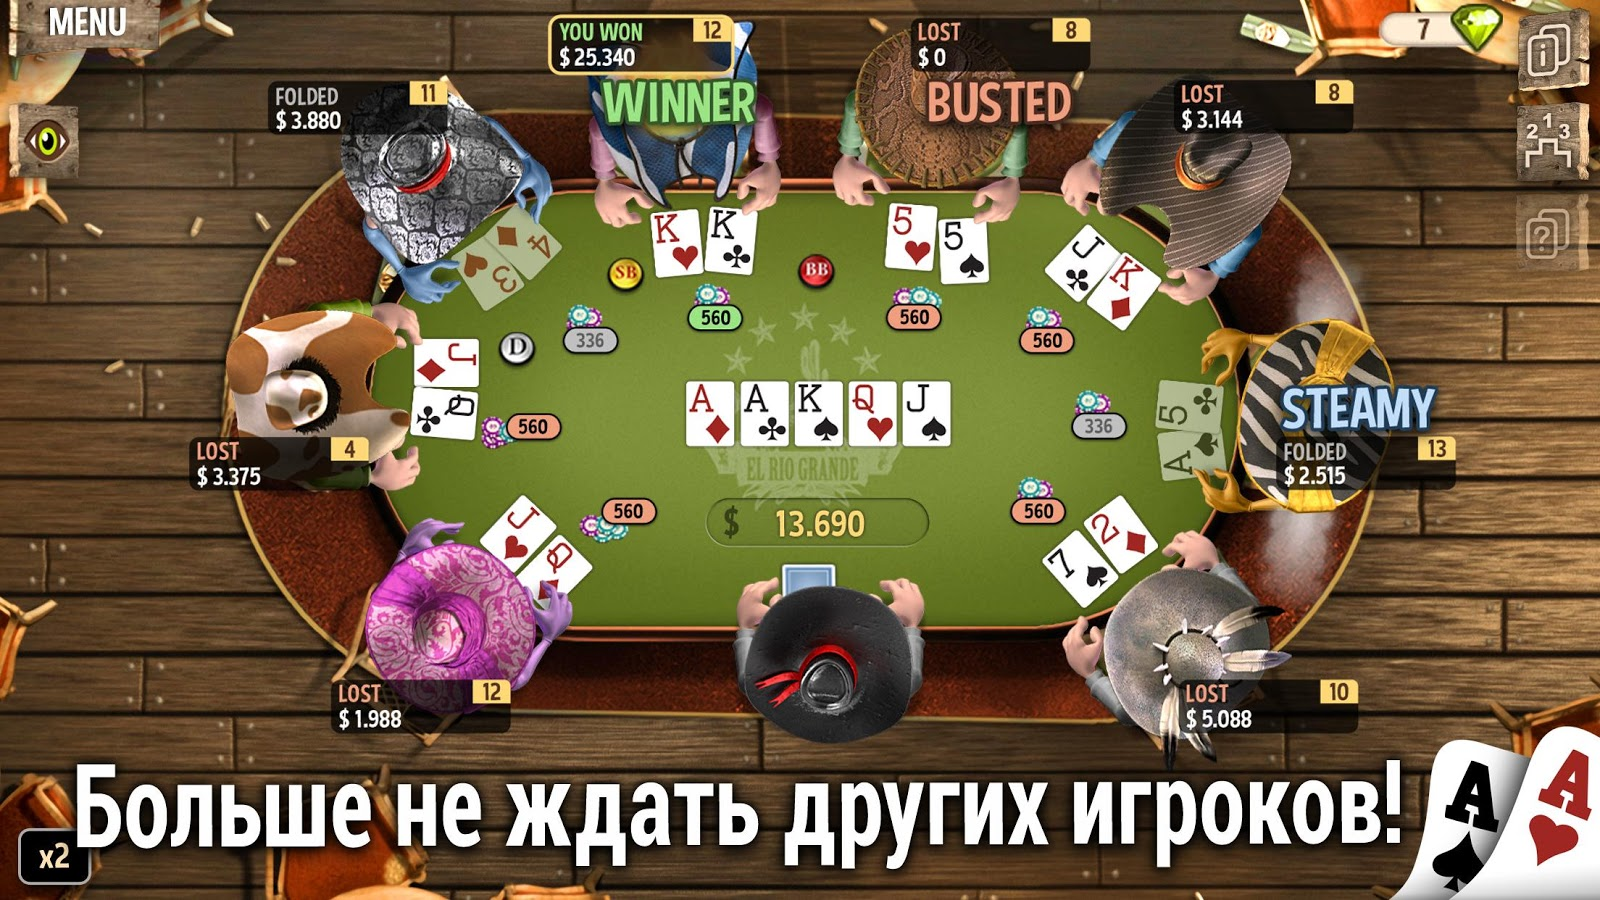 языке онлайн король на играть покера 2 русском